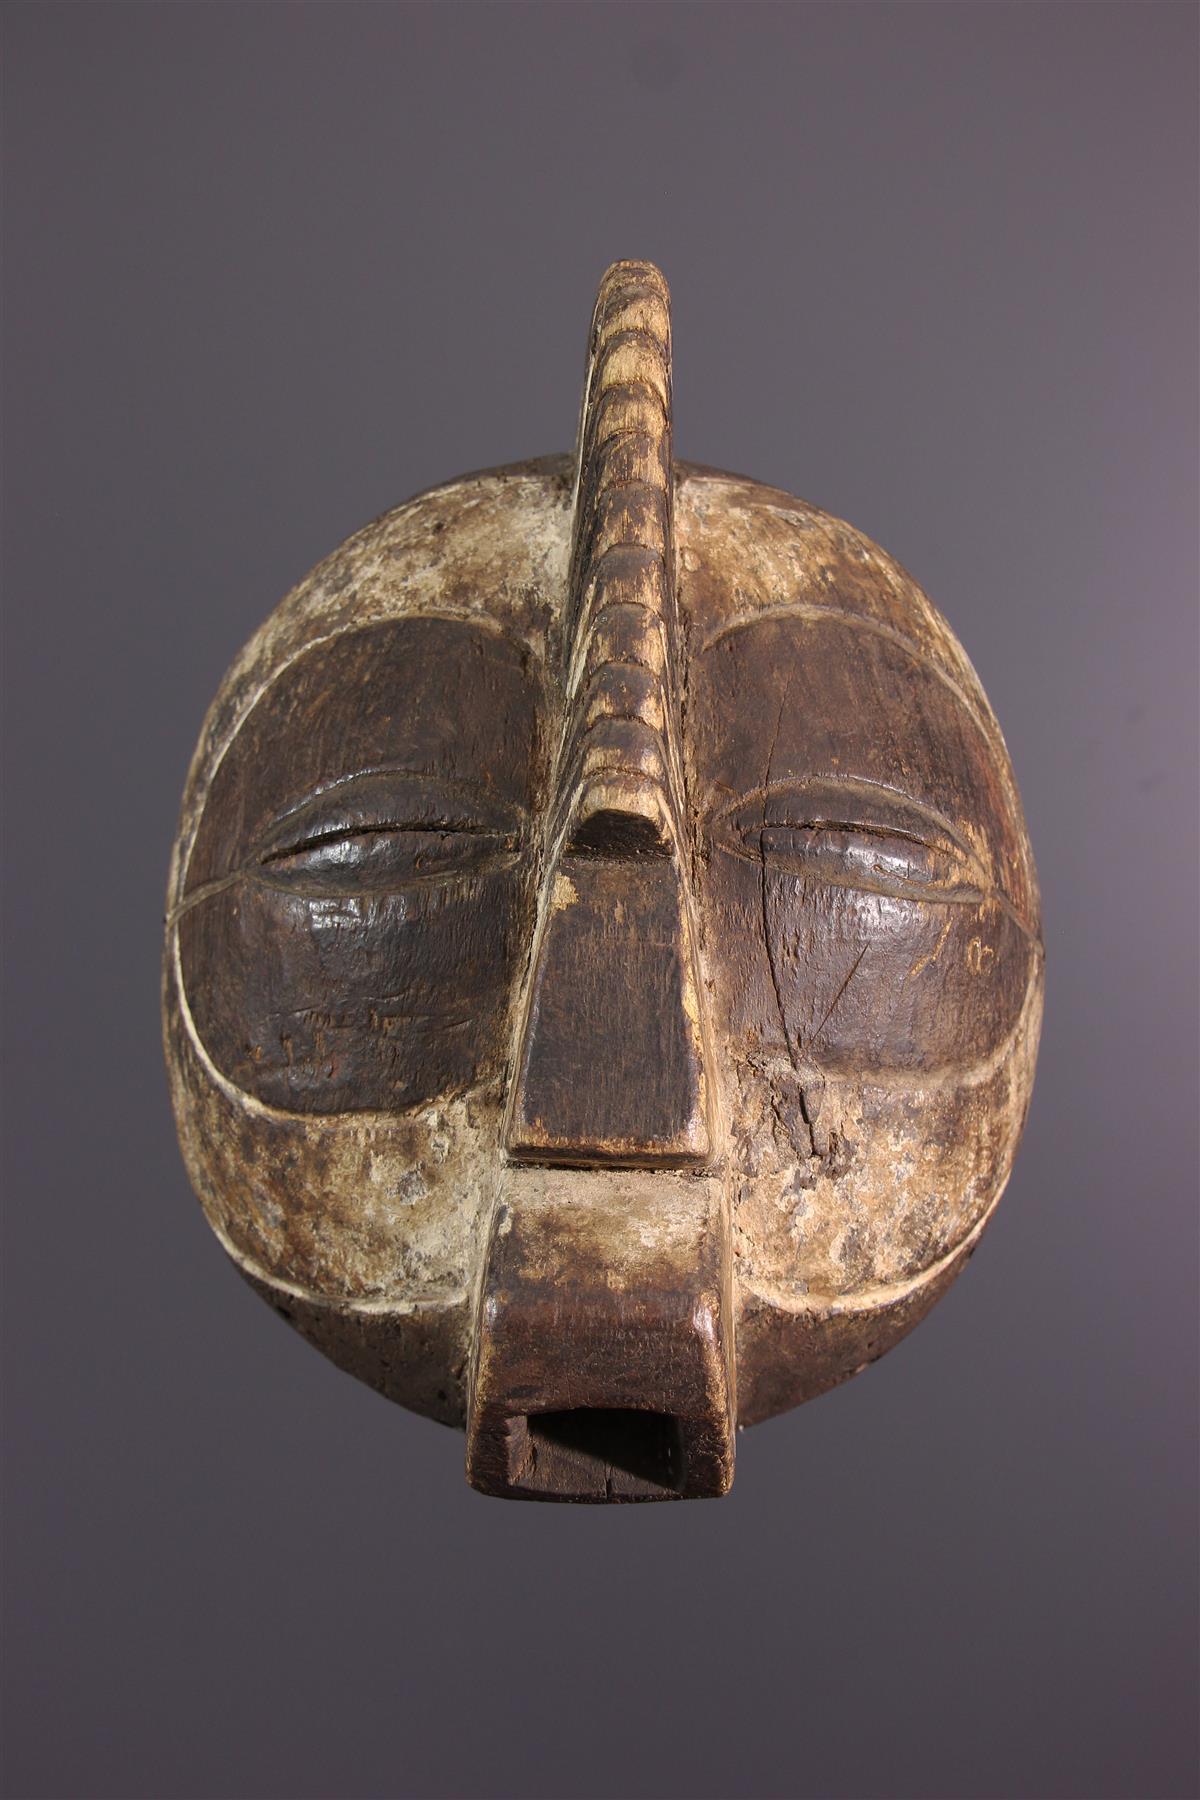 Luba mask - Tribal art